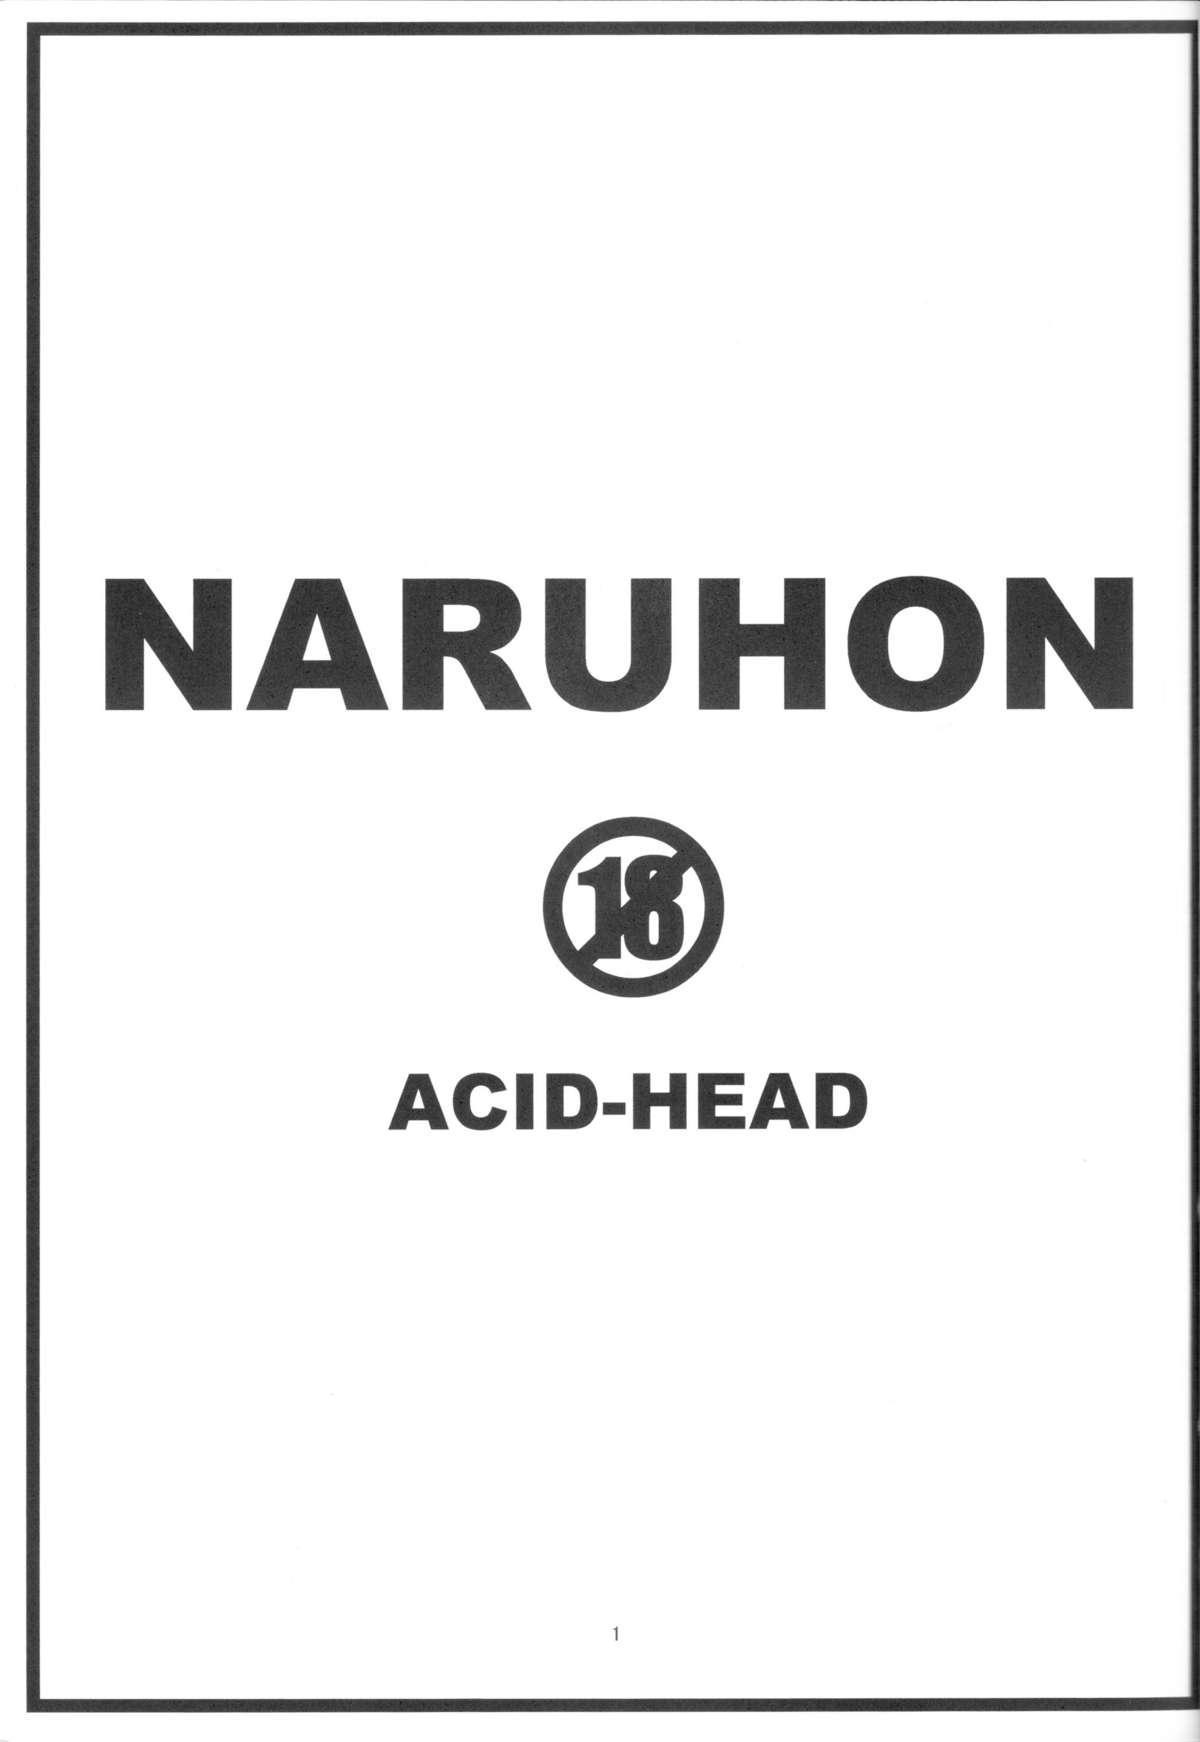 NARUHON 1